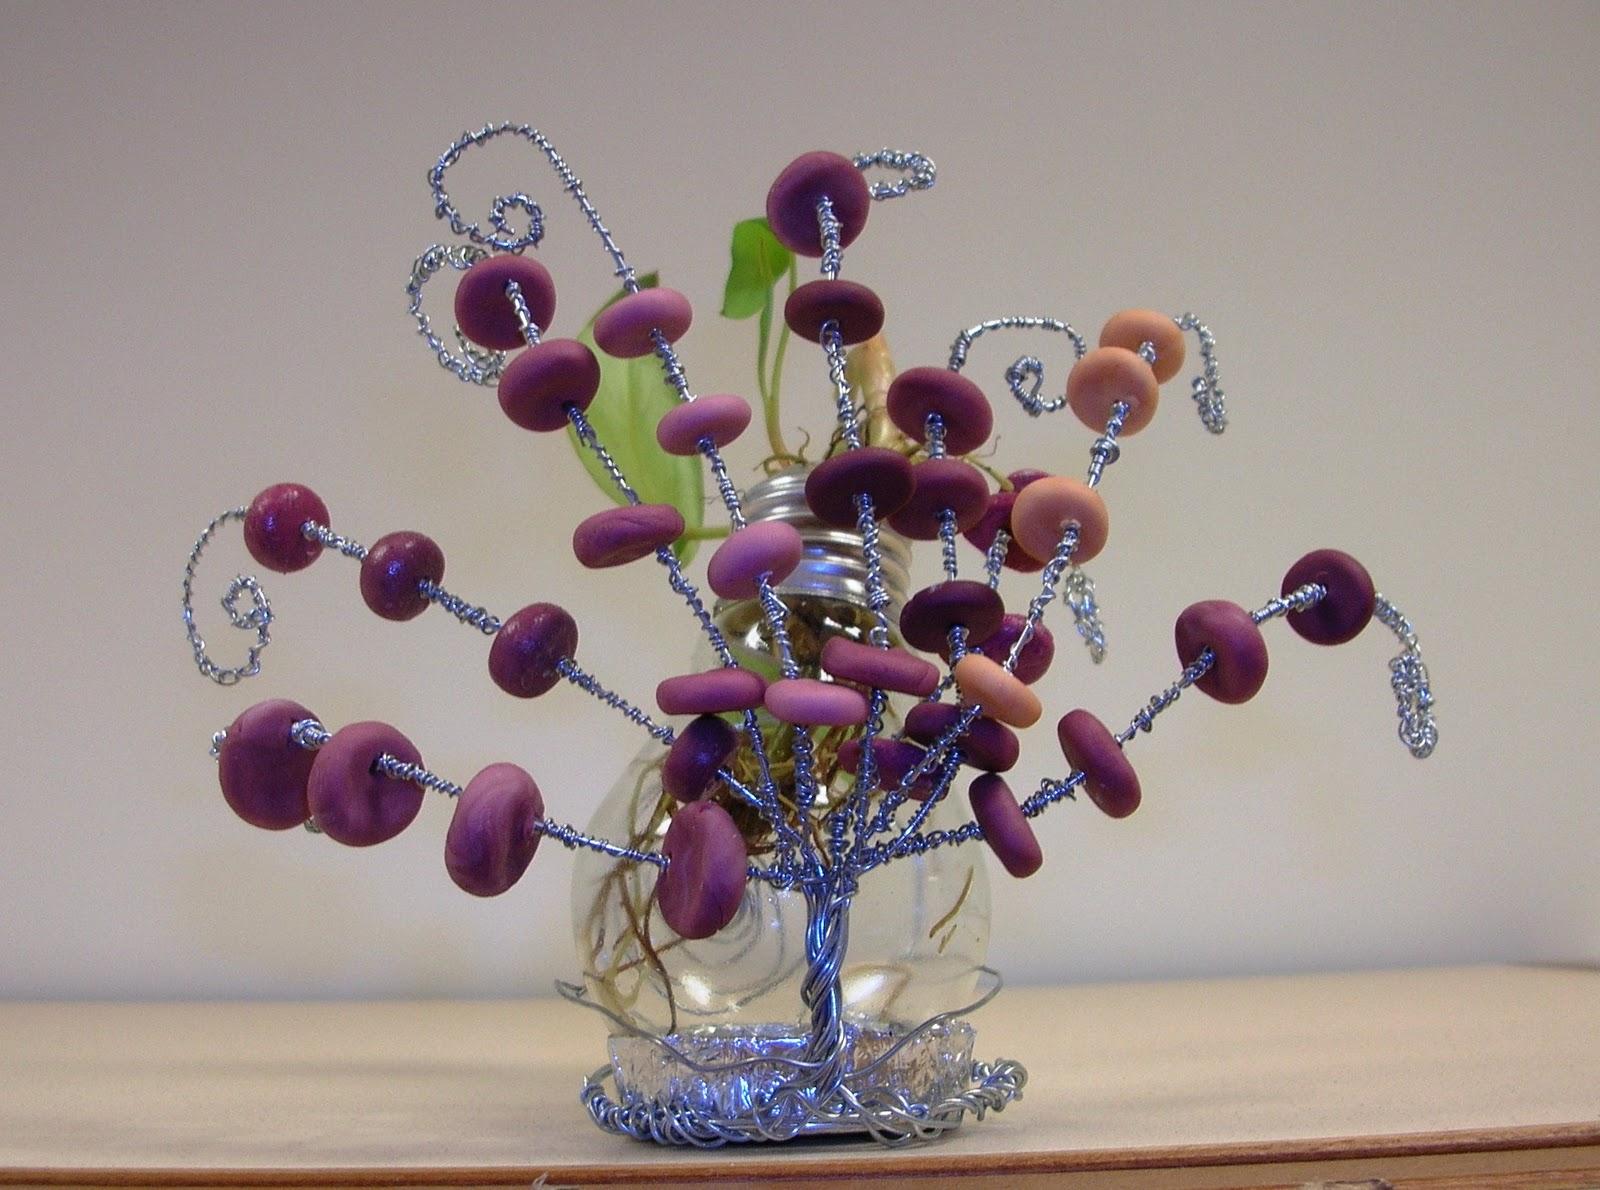 lampadina fulminata : ... : Riciclo creativo e pasta di mais. Un vaso da una lampadina.REGALATO